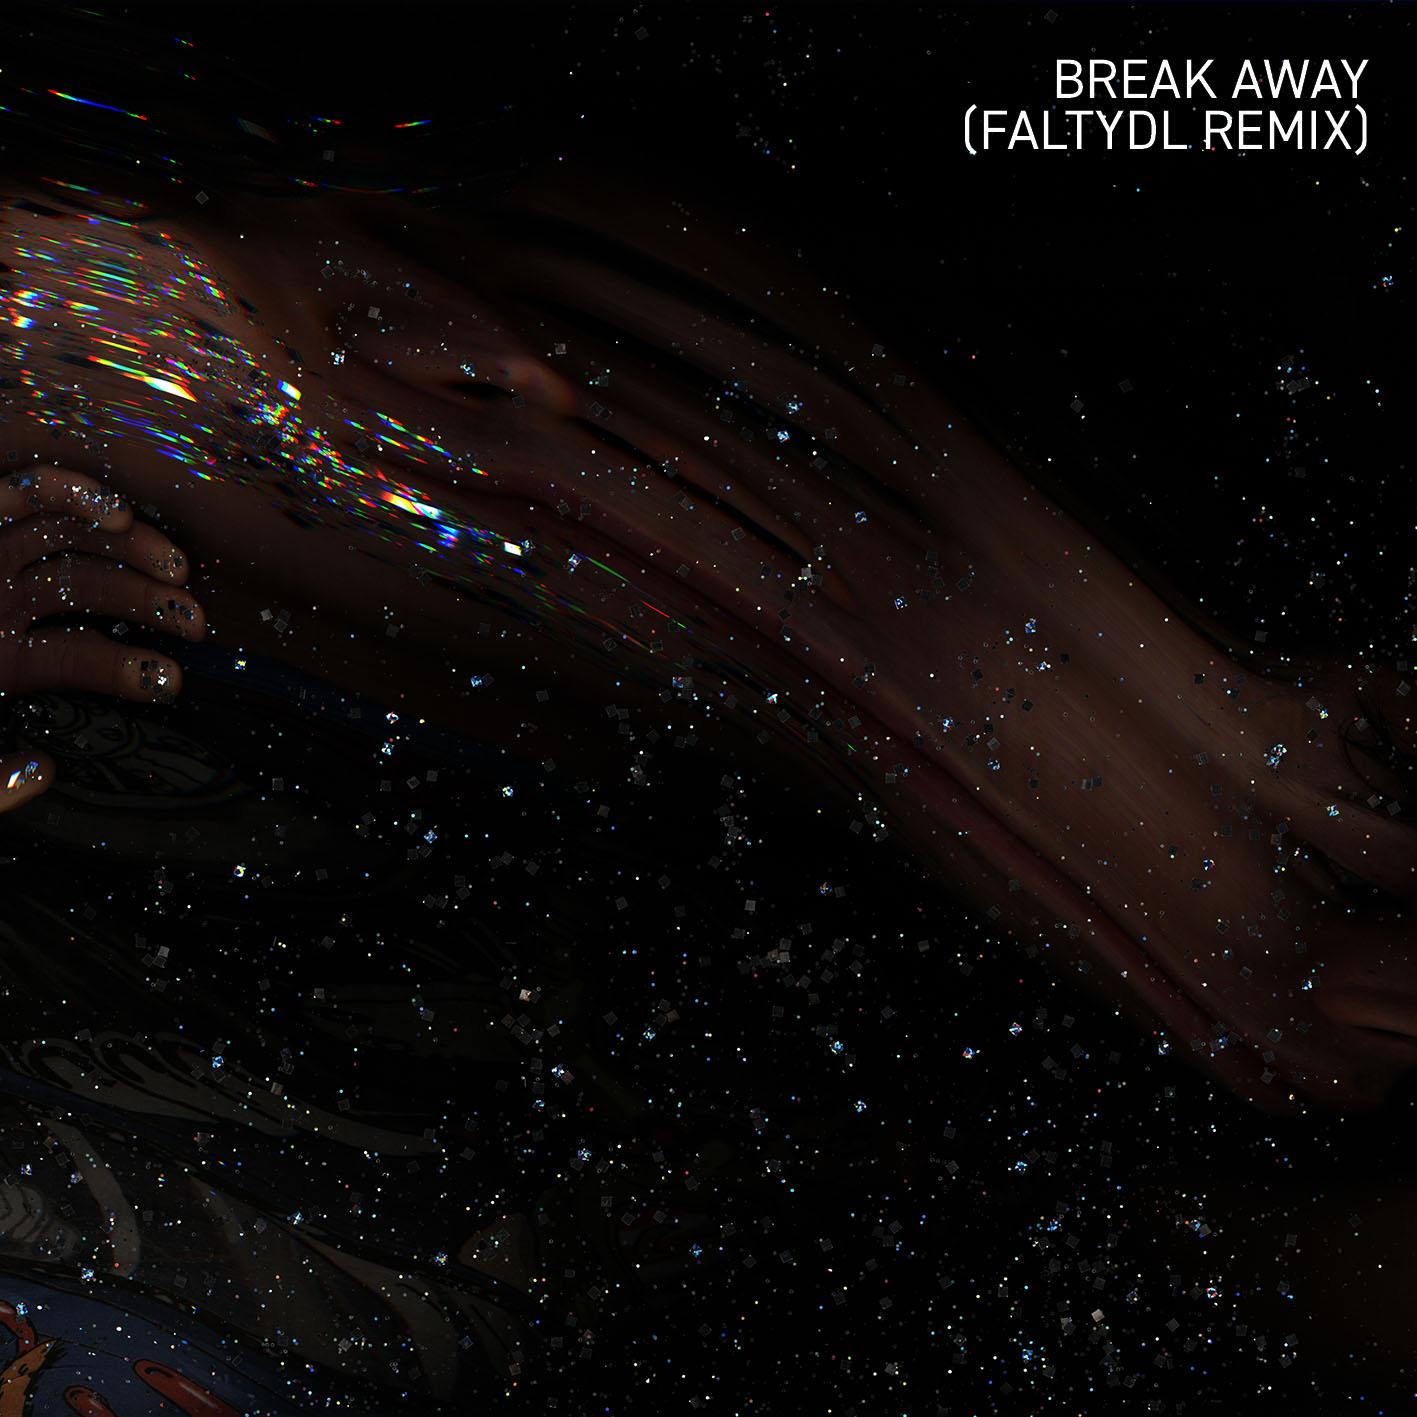 """Klyne with new single """"Break Away"""" Falty DL Remix"""